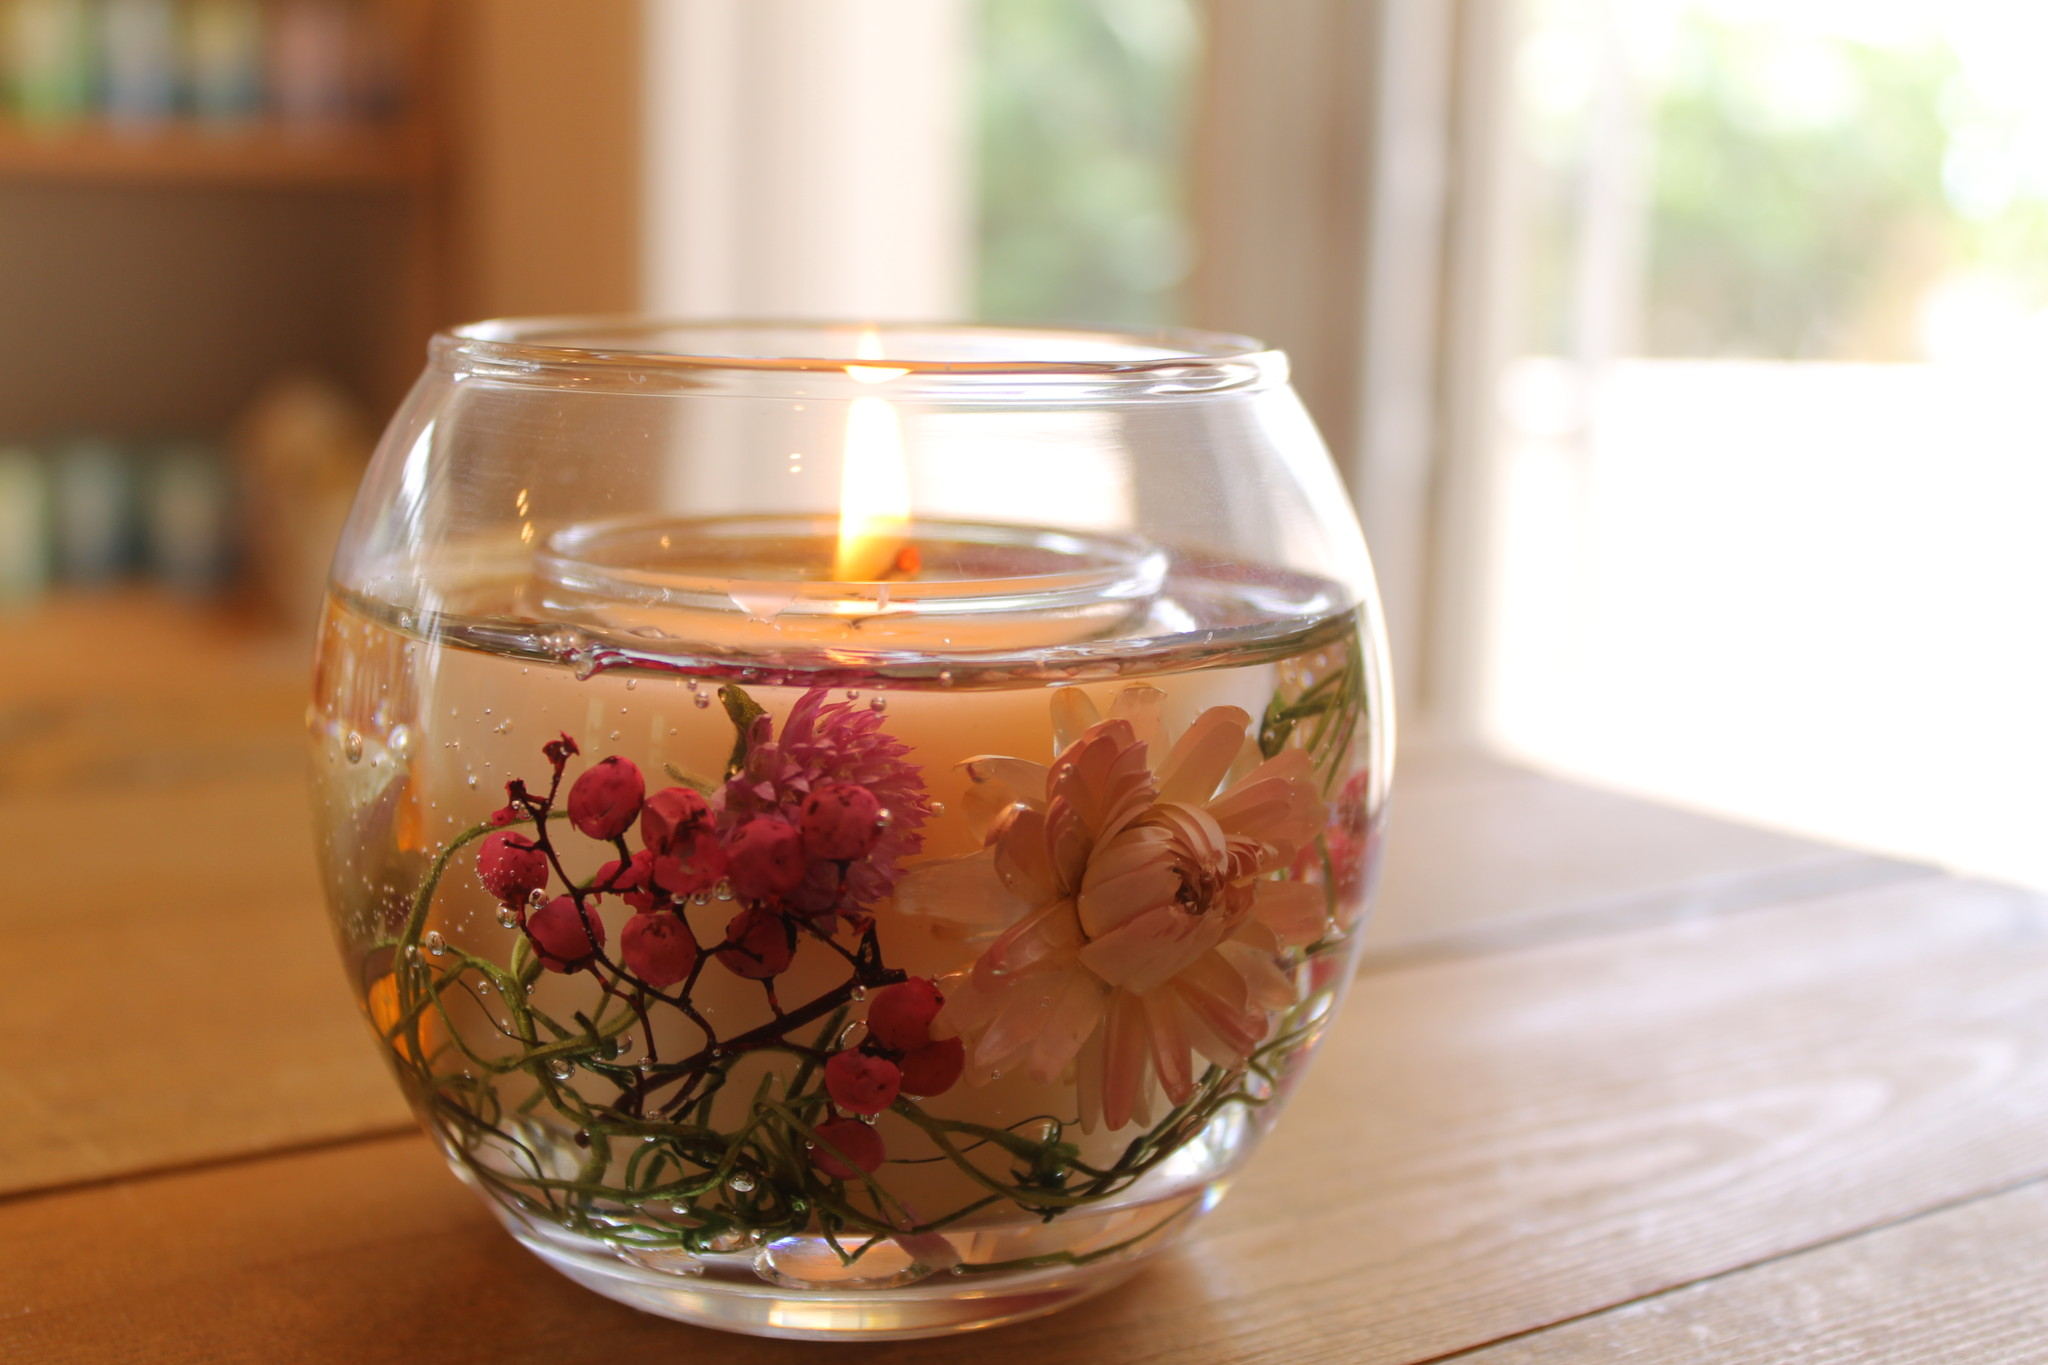 母の日の贈り物に。お花やフルーツを閉じ込めた天然素材のキャンドル